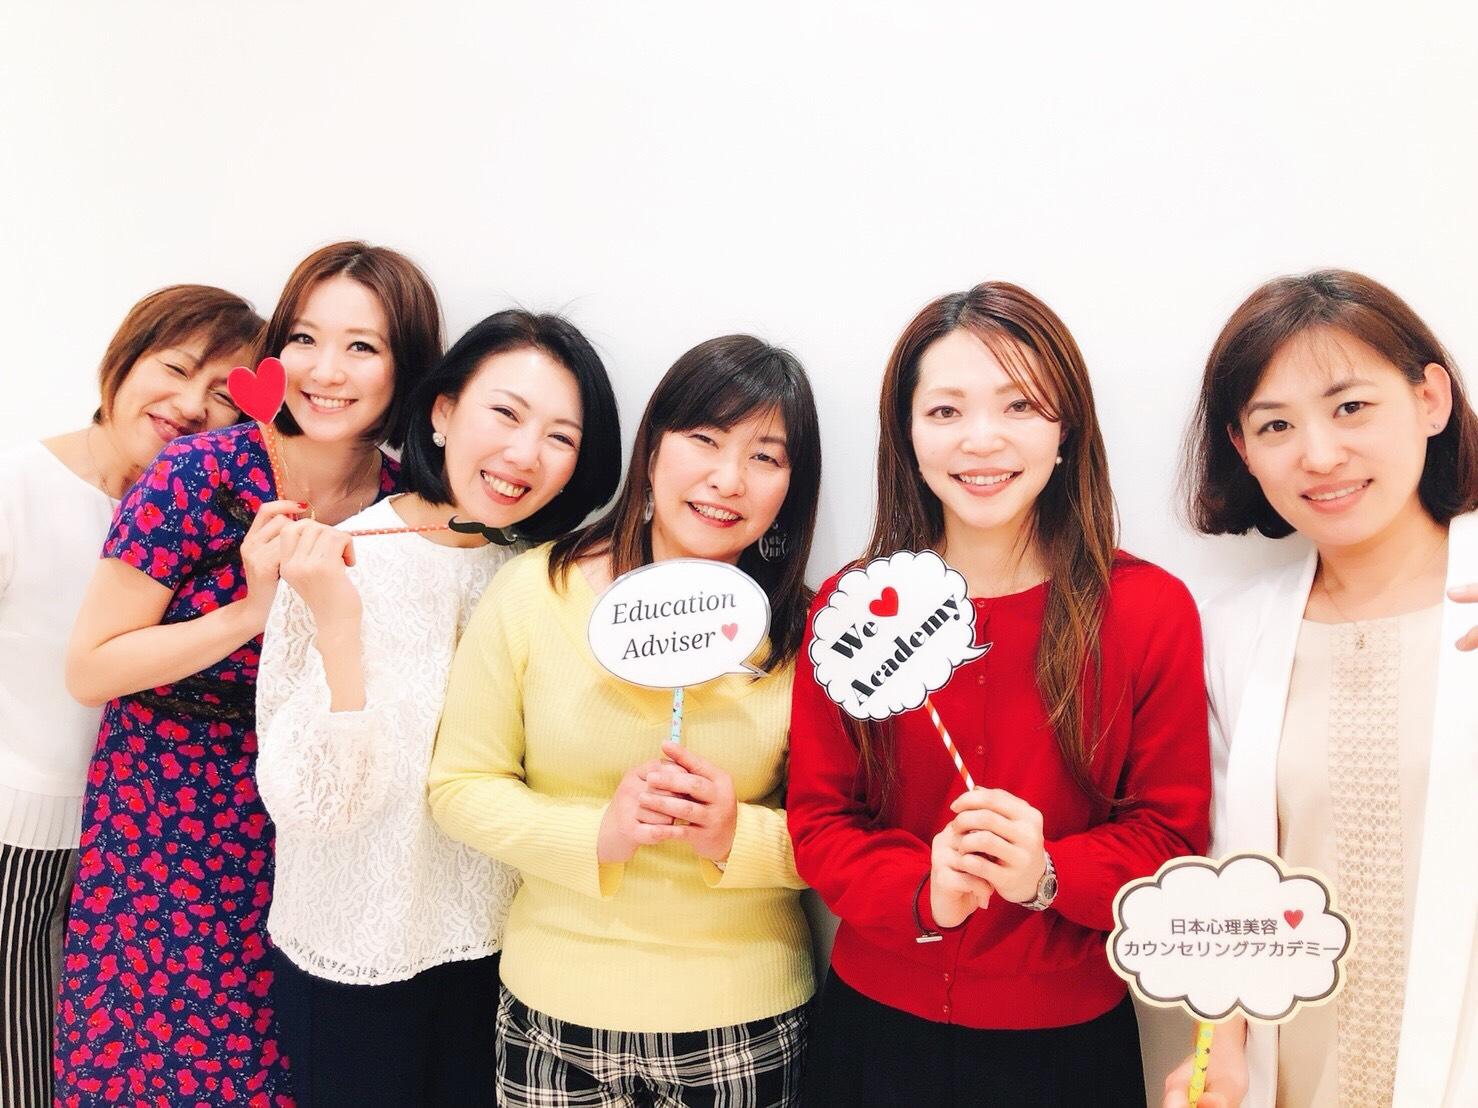 「ココキレ♡フェスタ」in奈良 12月23日(日)開催!!のアイキャッチ画像